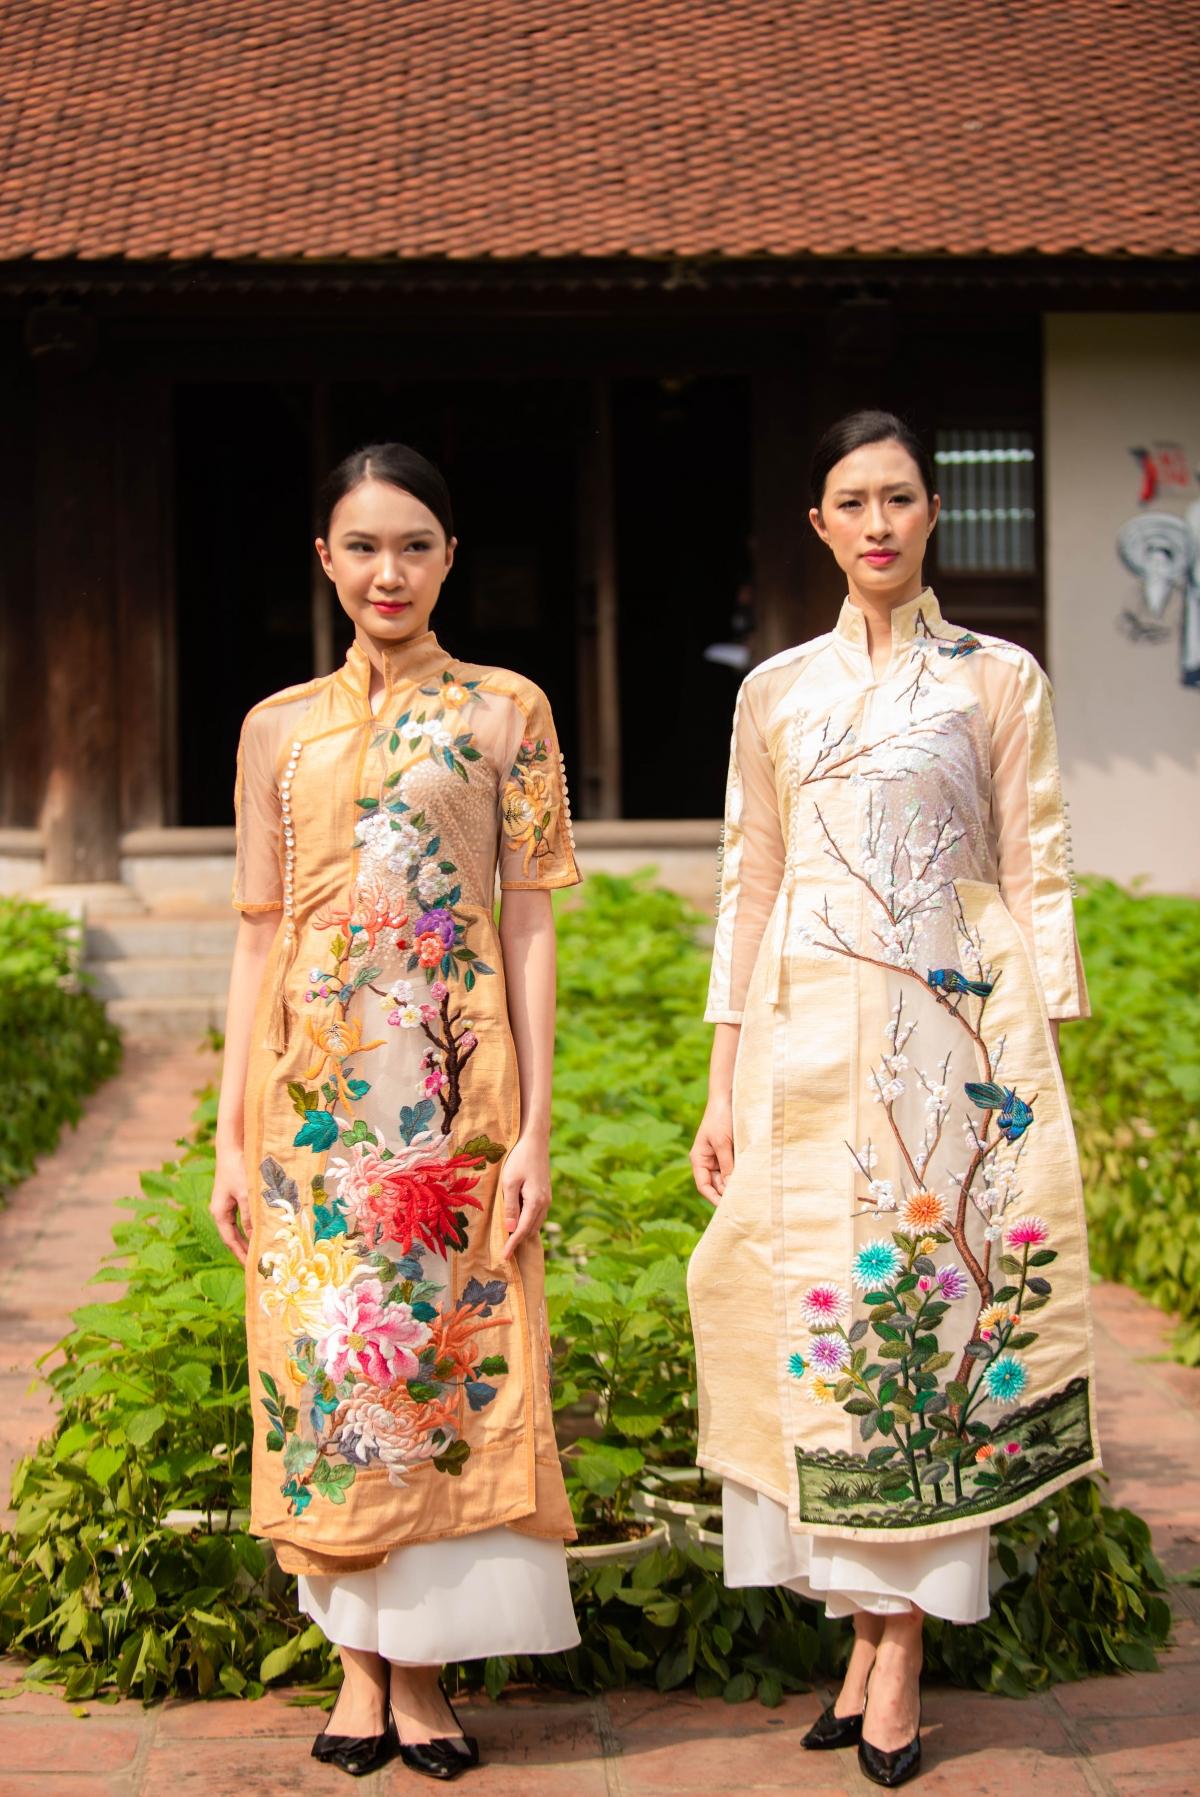 Ngoài ra còn có sự tham gia của 100 học viên của Học viện Phụ nữ, 40 thiếu nhi của đội tuyển trống thiếu nhi Hà Nội, cùng 90 người mẫu của TP Hồ Chí Minh và Hà Nội.